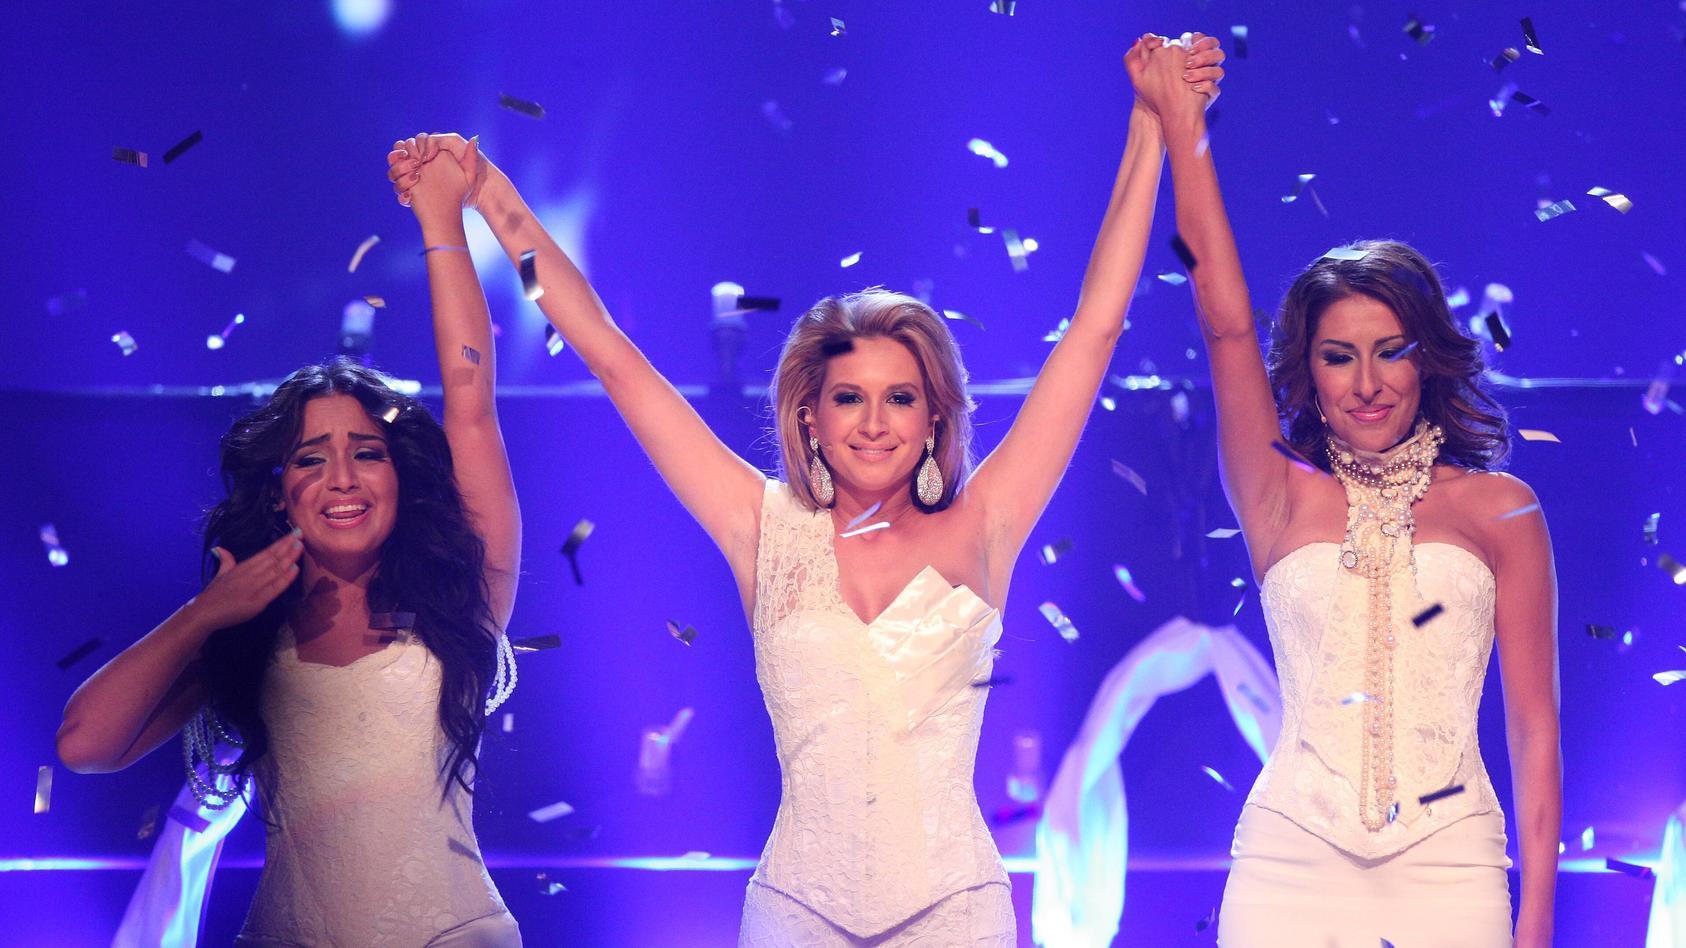 """Ein Bild aus glücklichen Zeiten: Bahar Kizil, Mandy Capristo und Senna Gammour stürmten Ende 2006 als """"Monrose"""" die Charts."""